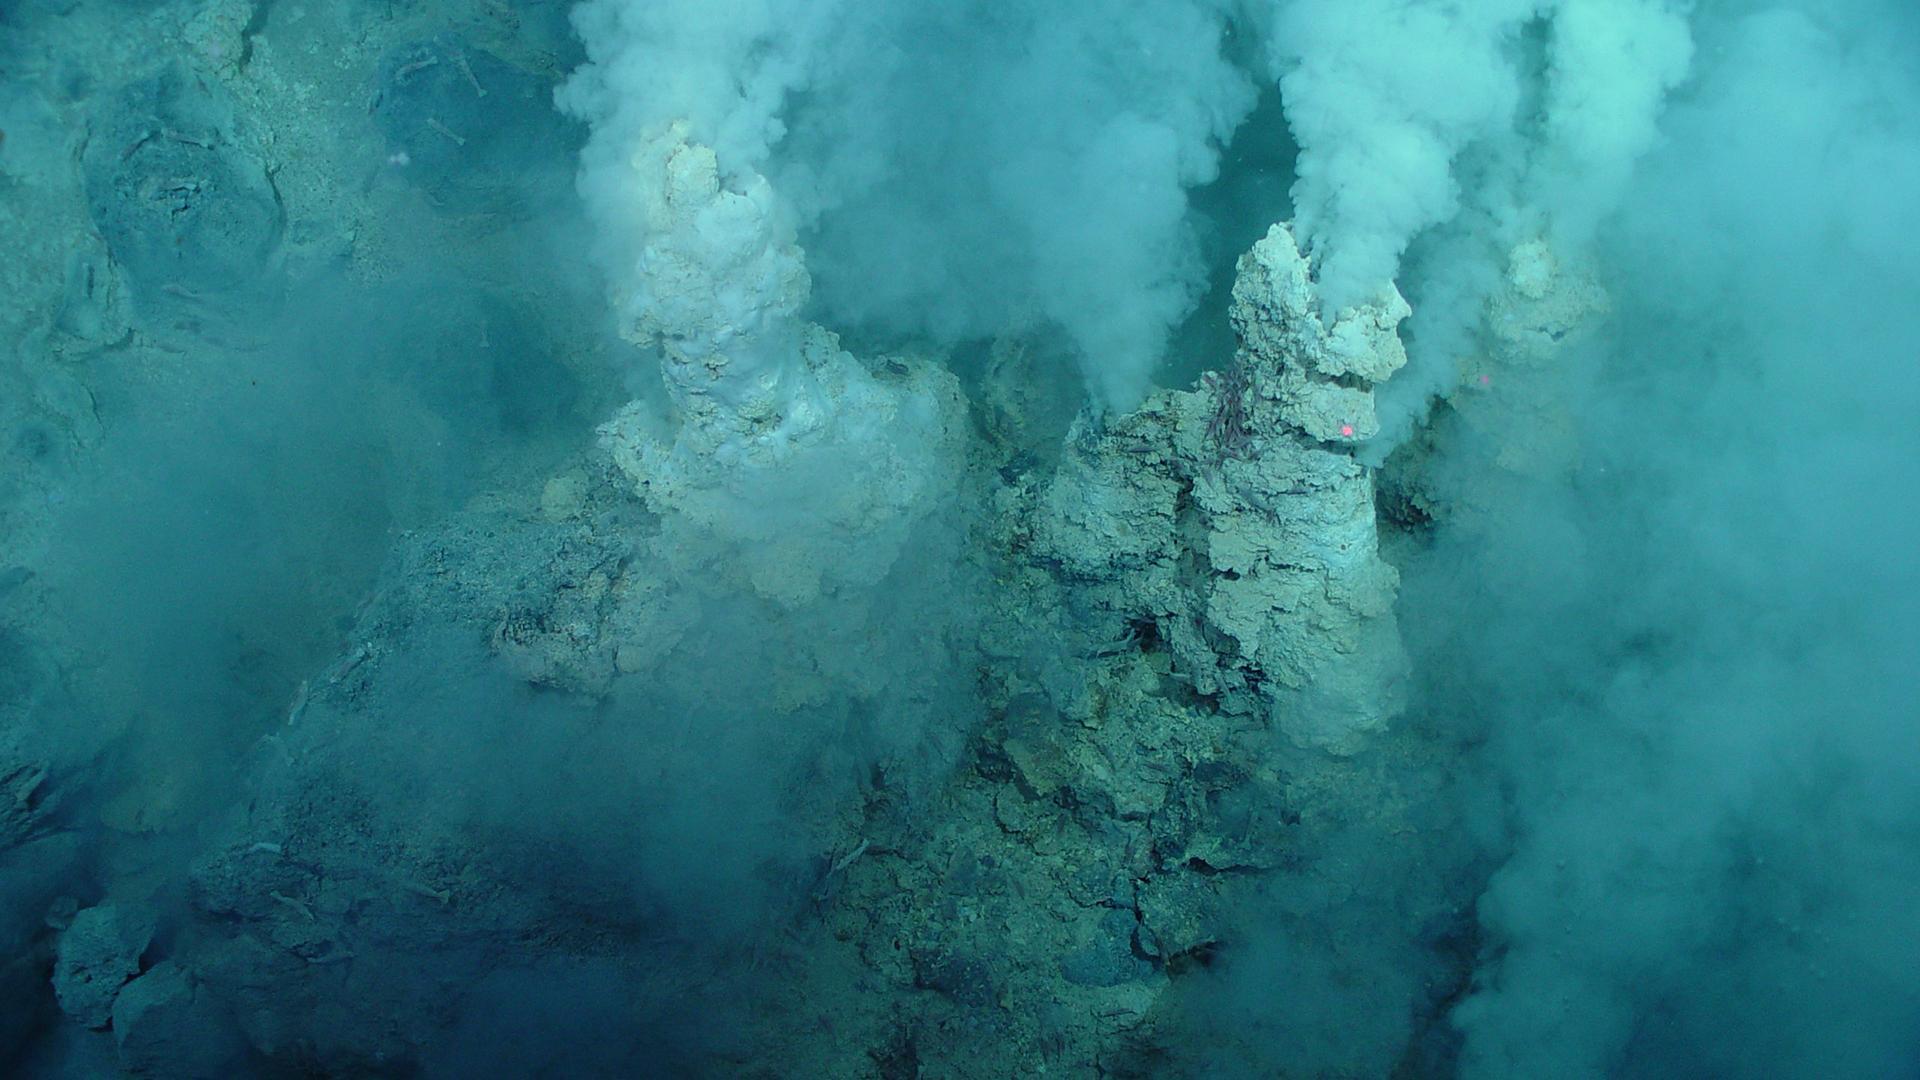 Микробы подводных вулканических хребтов пролили свет на эволюцию дыхания